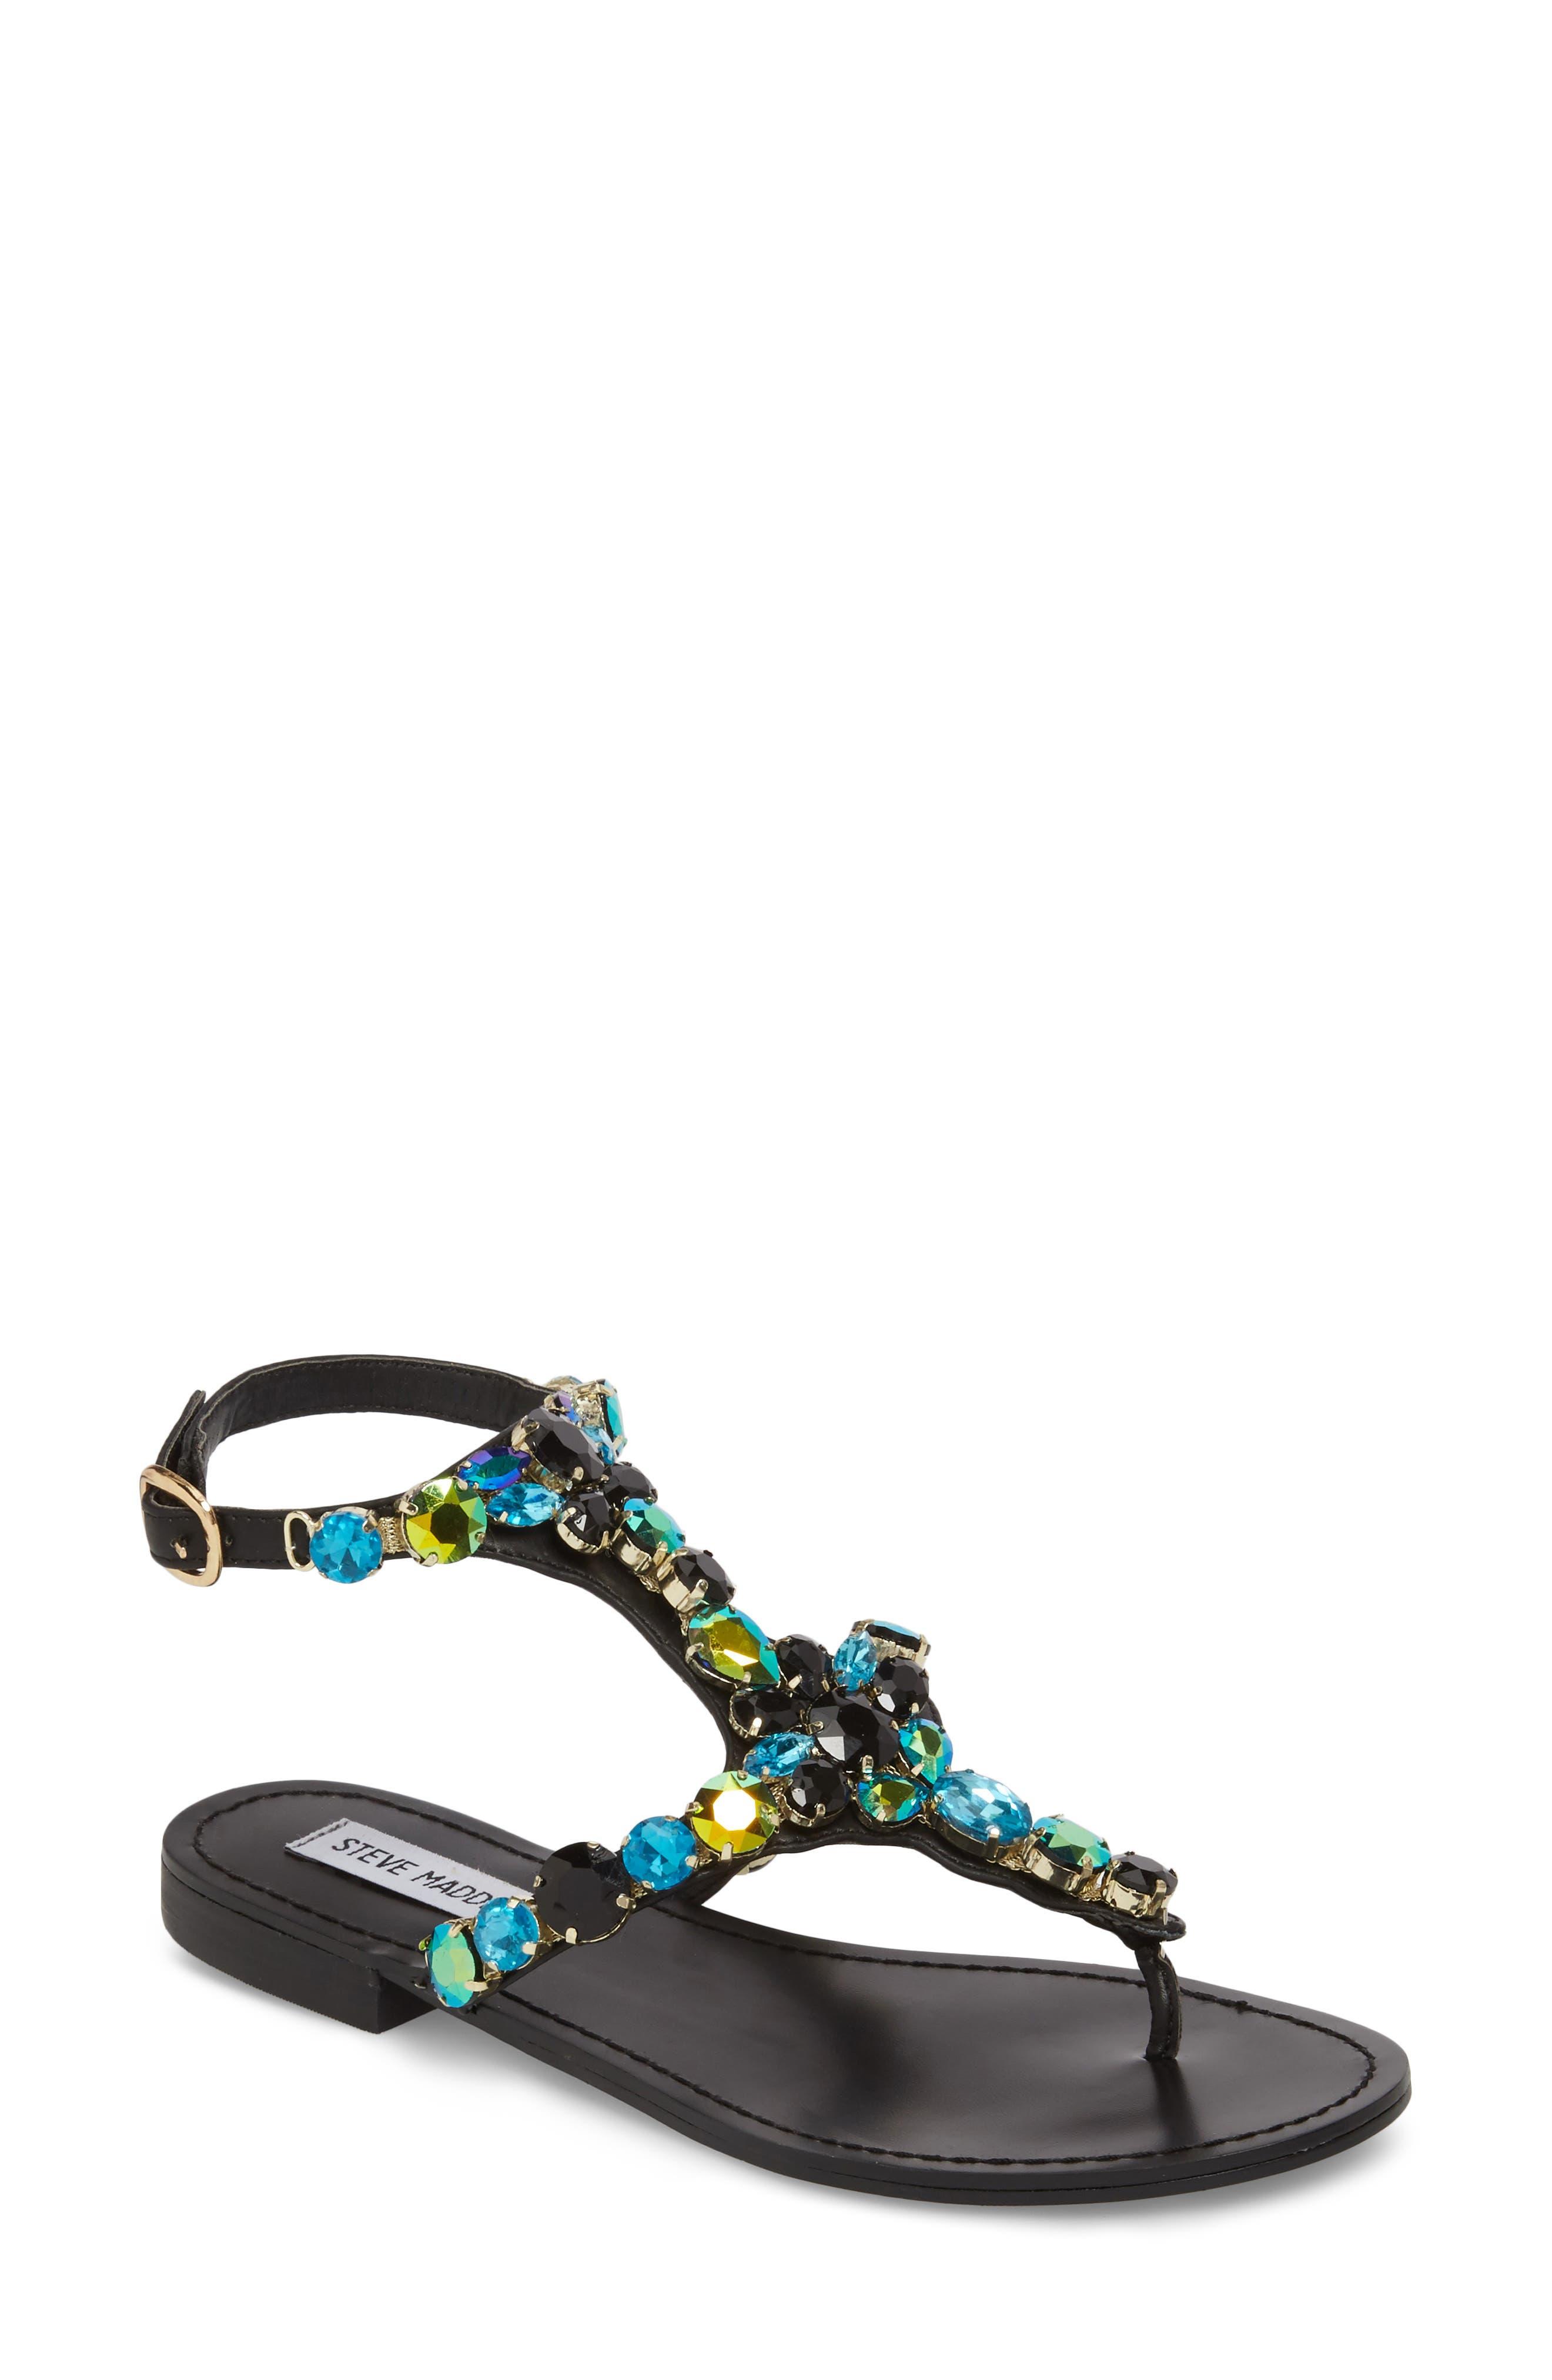 Steve Madden Women's Chantel Crystal Embellished Sandal 9N4uttq